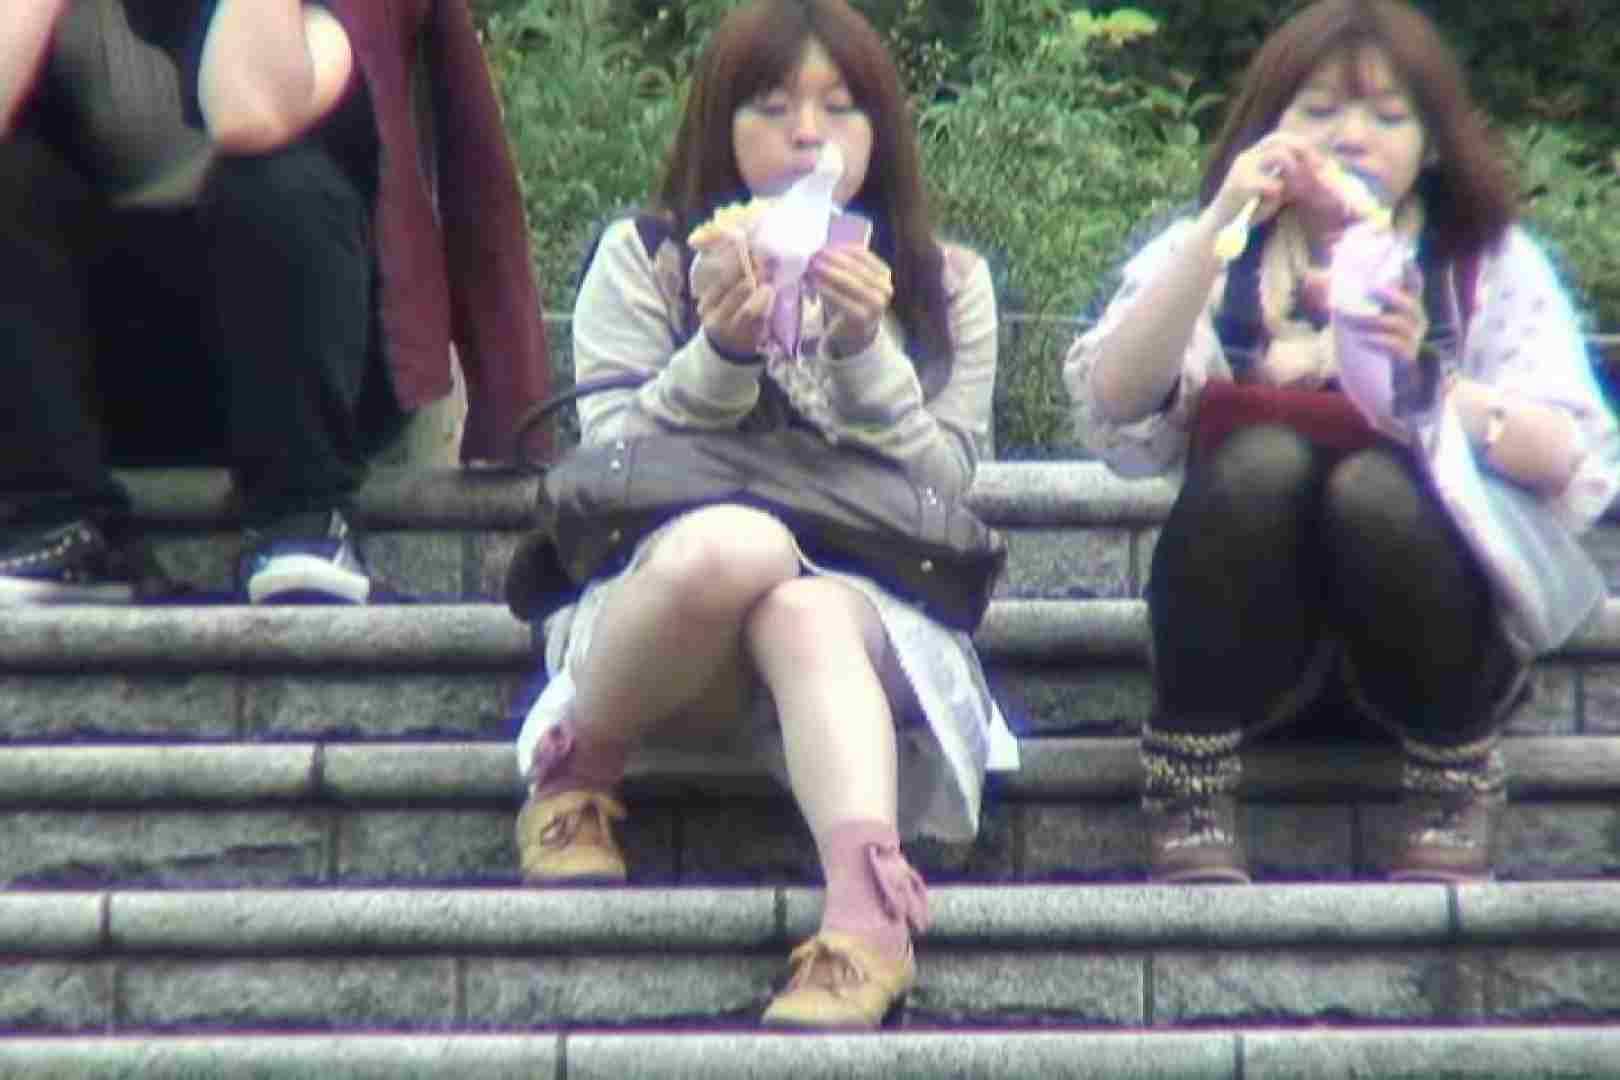 超最新版!春夏秋冬 vol.04 オマタ | ビッチなギャル  64pic 56